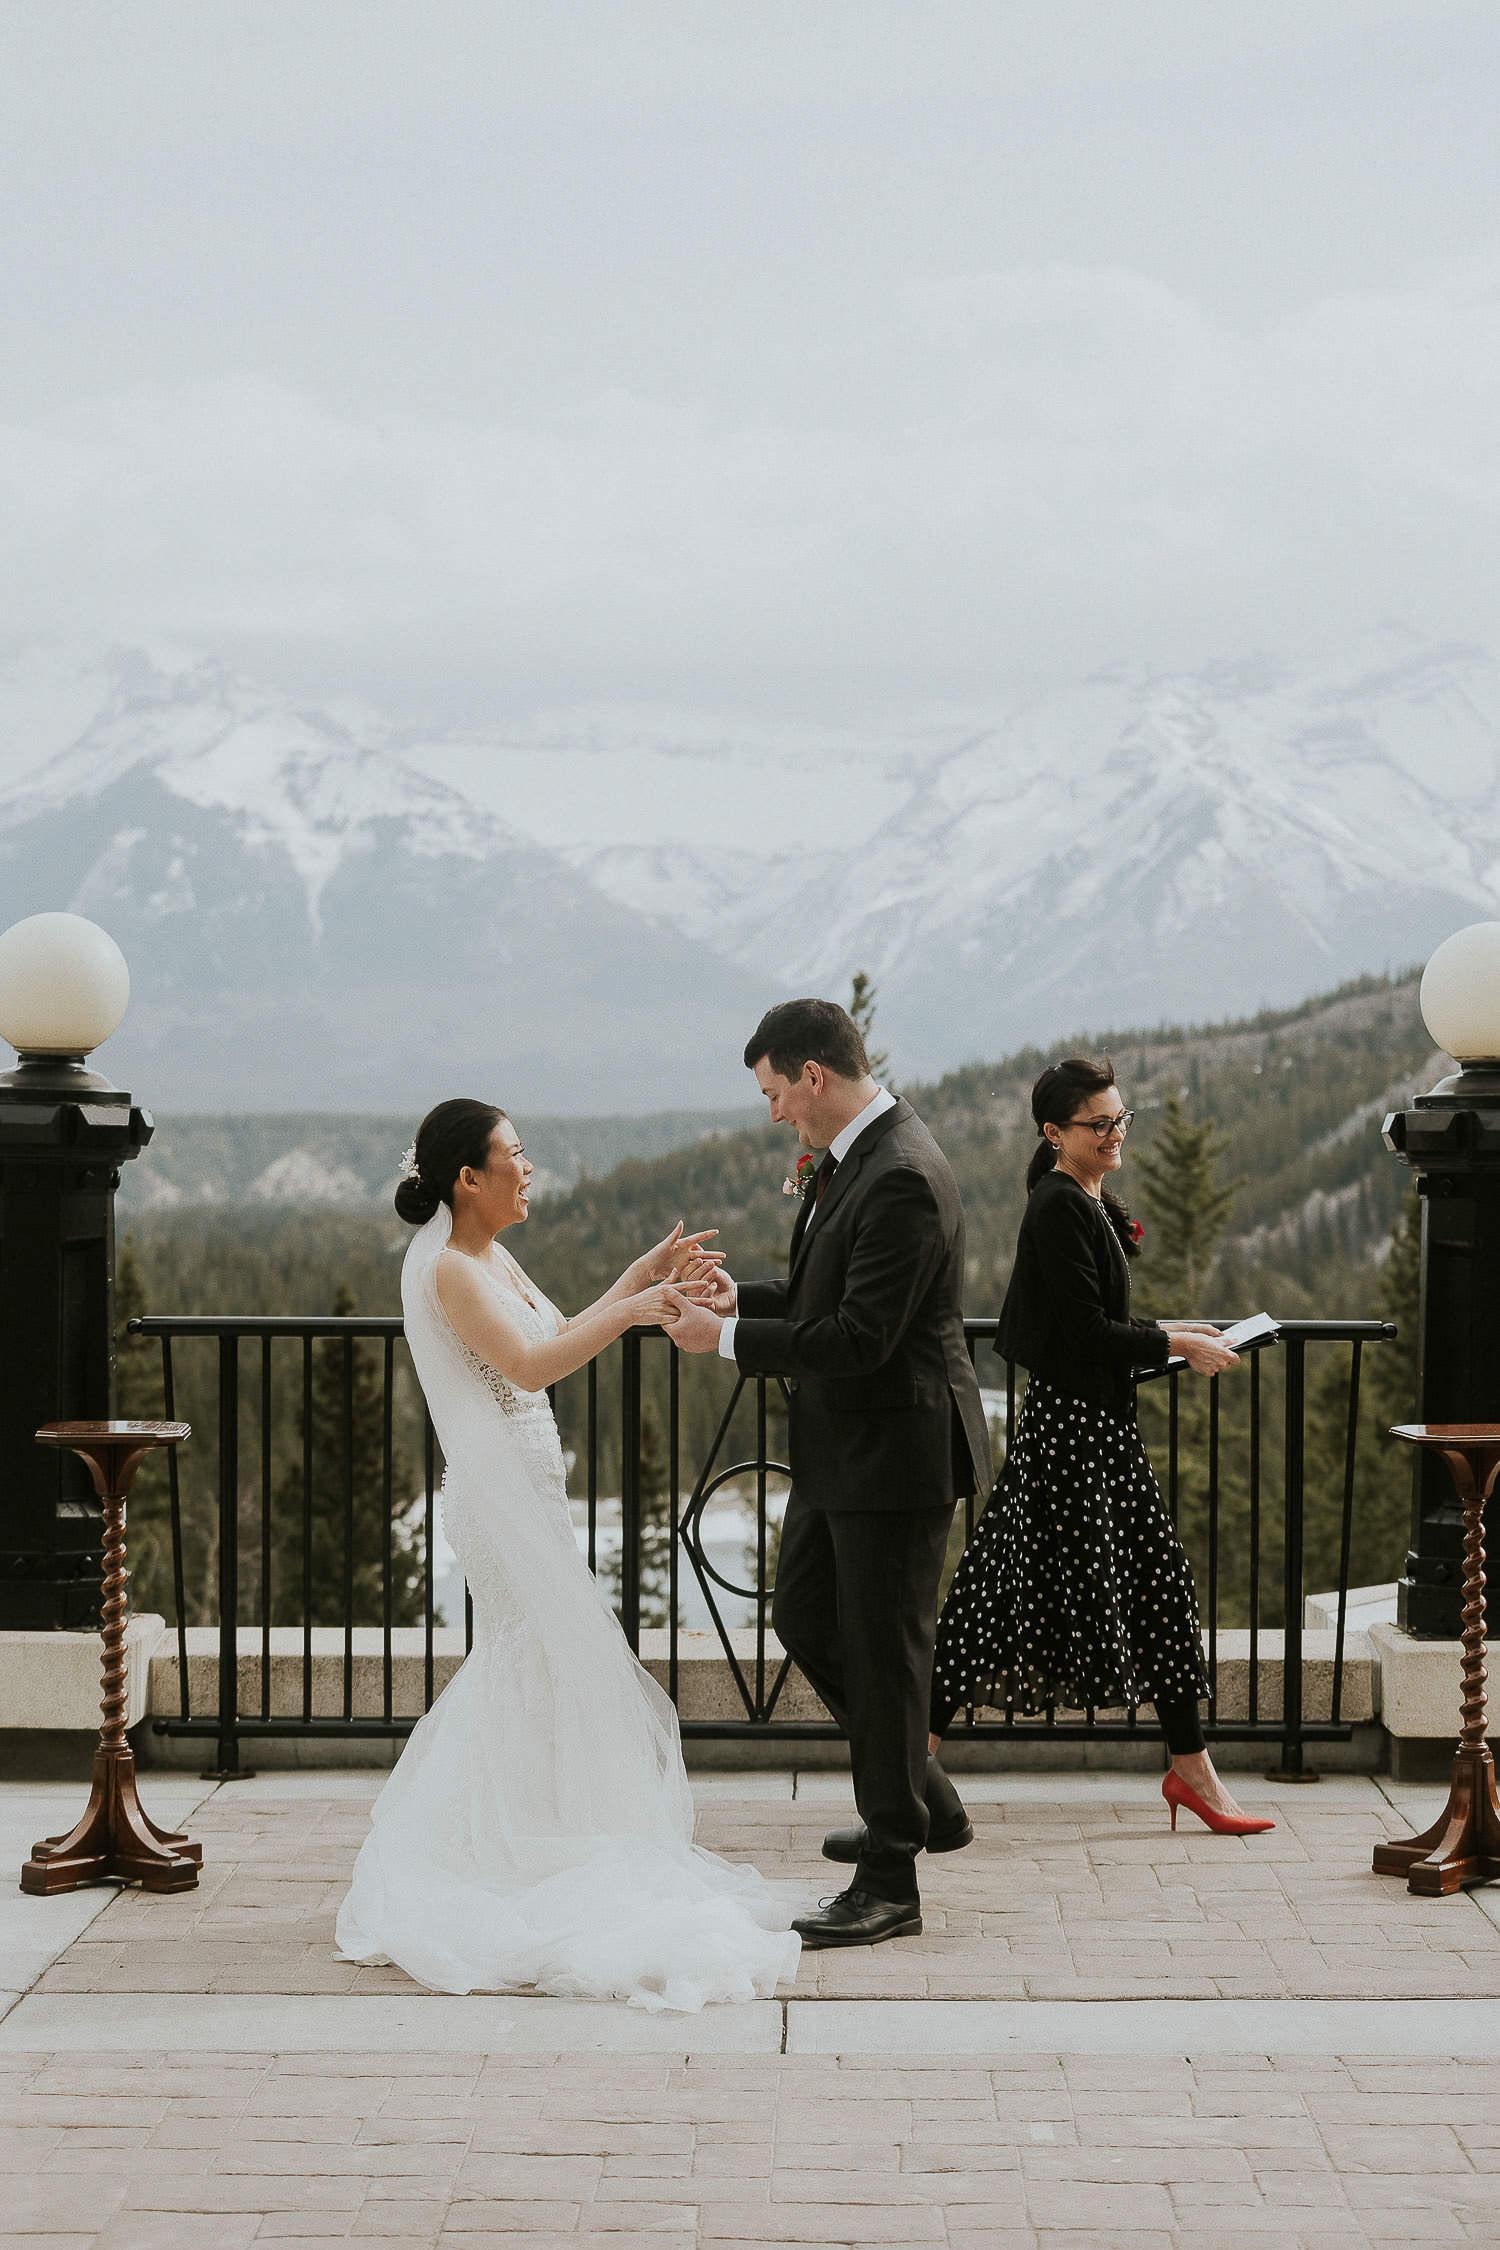 intimate-wedding-at-banff-springs-hotel-sarah-pukin-0097